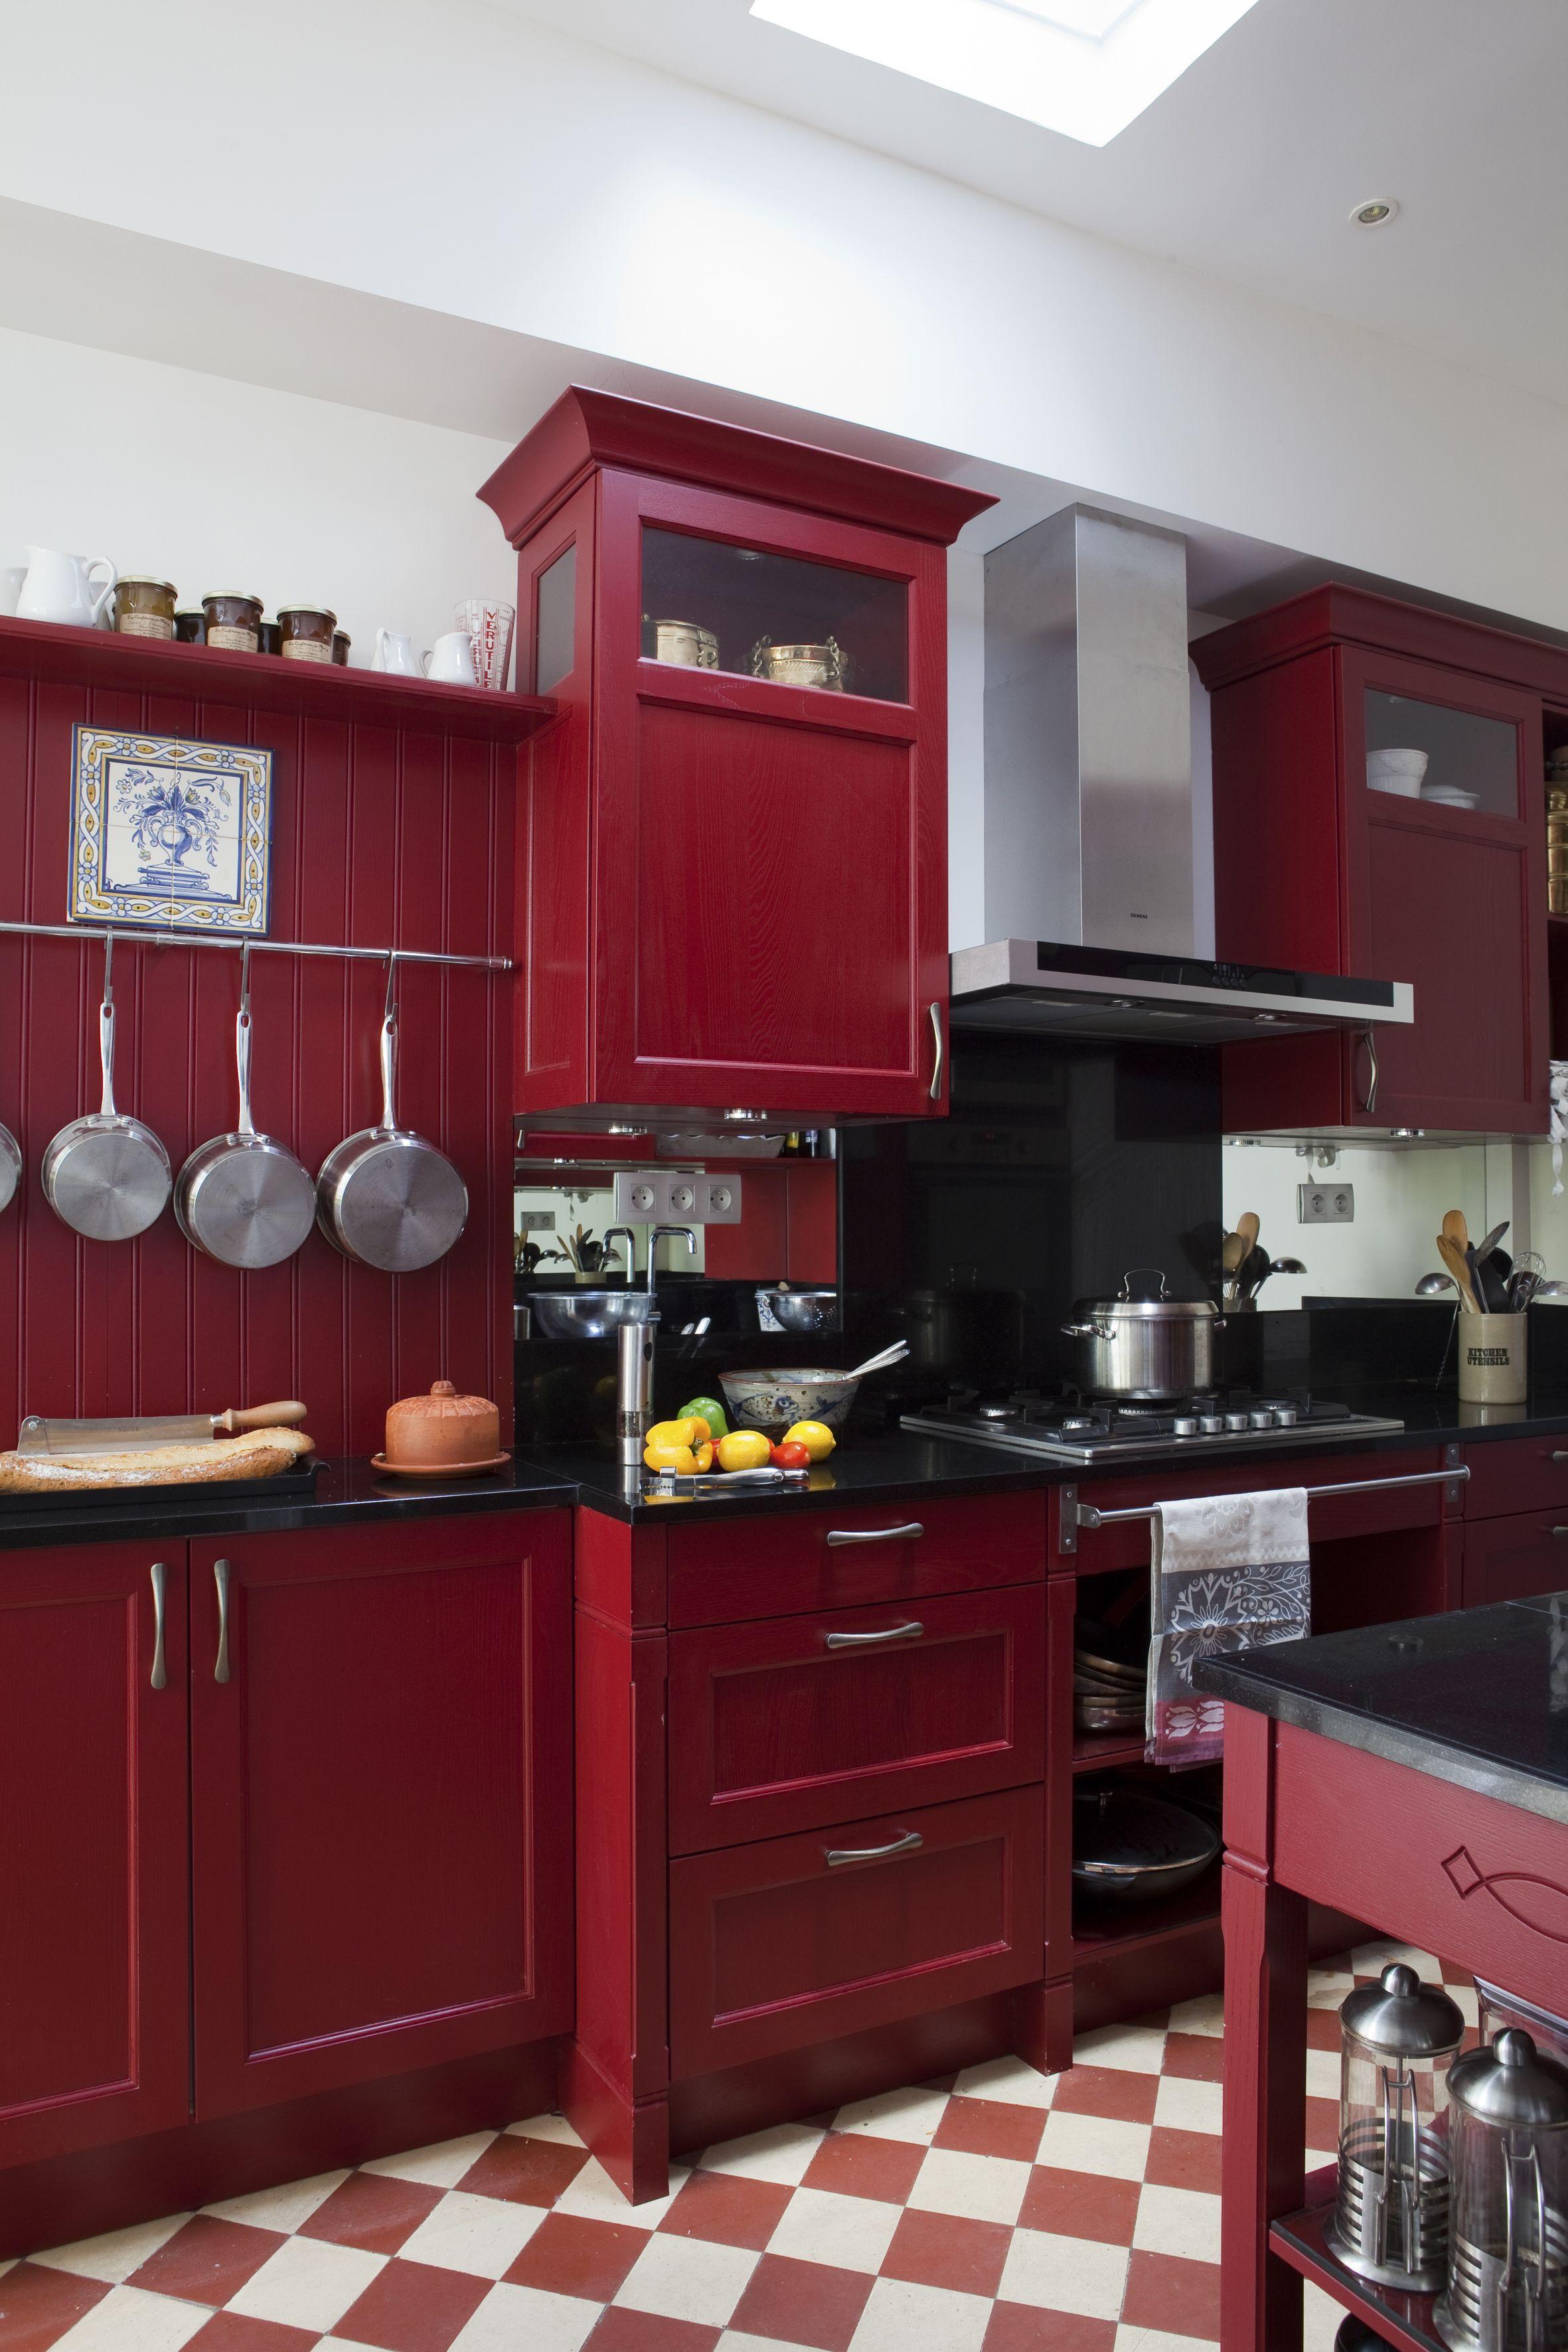 Une Cuisine Dans Art Et Decoration Fevrier 2014 Country Cottage